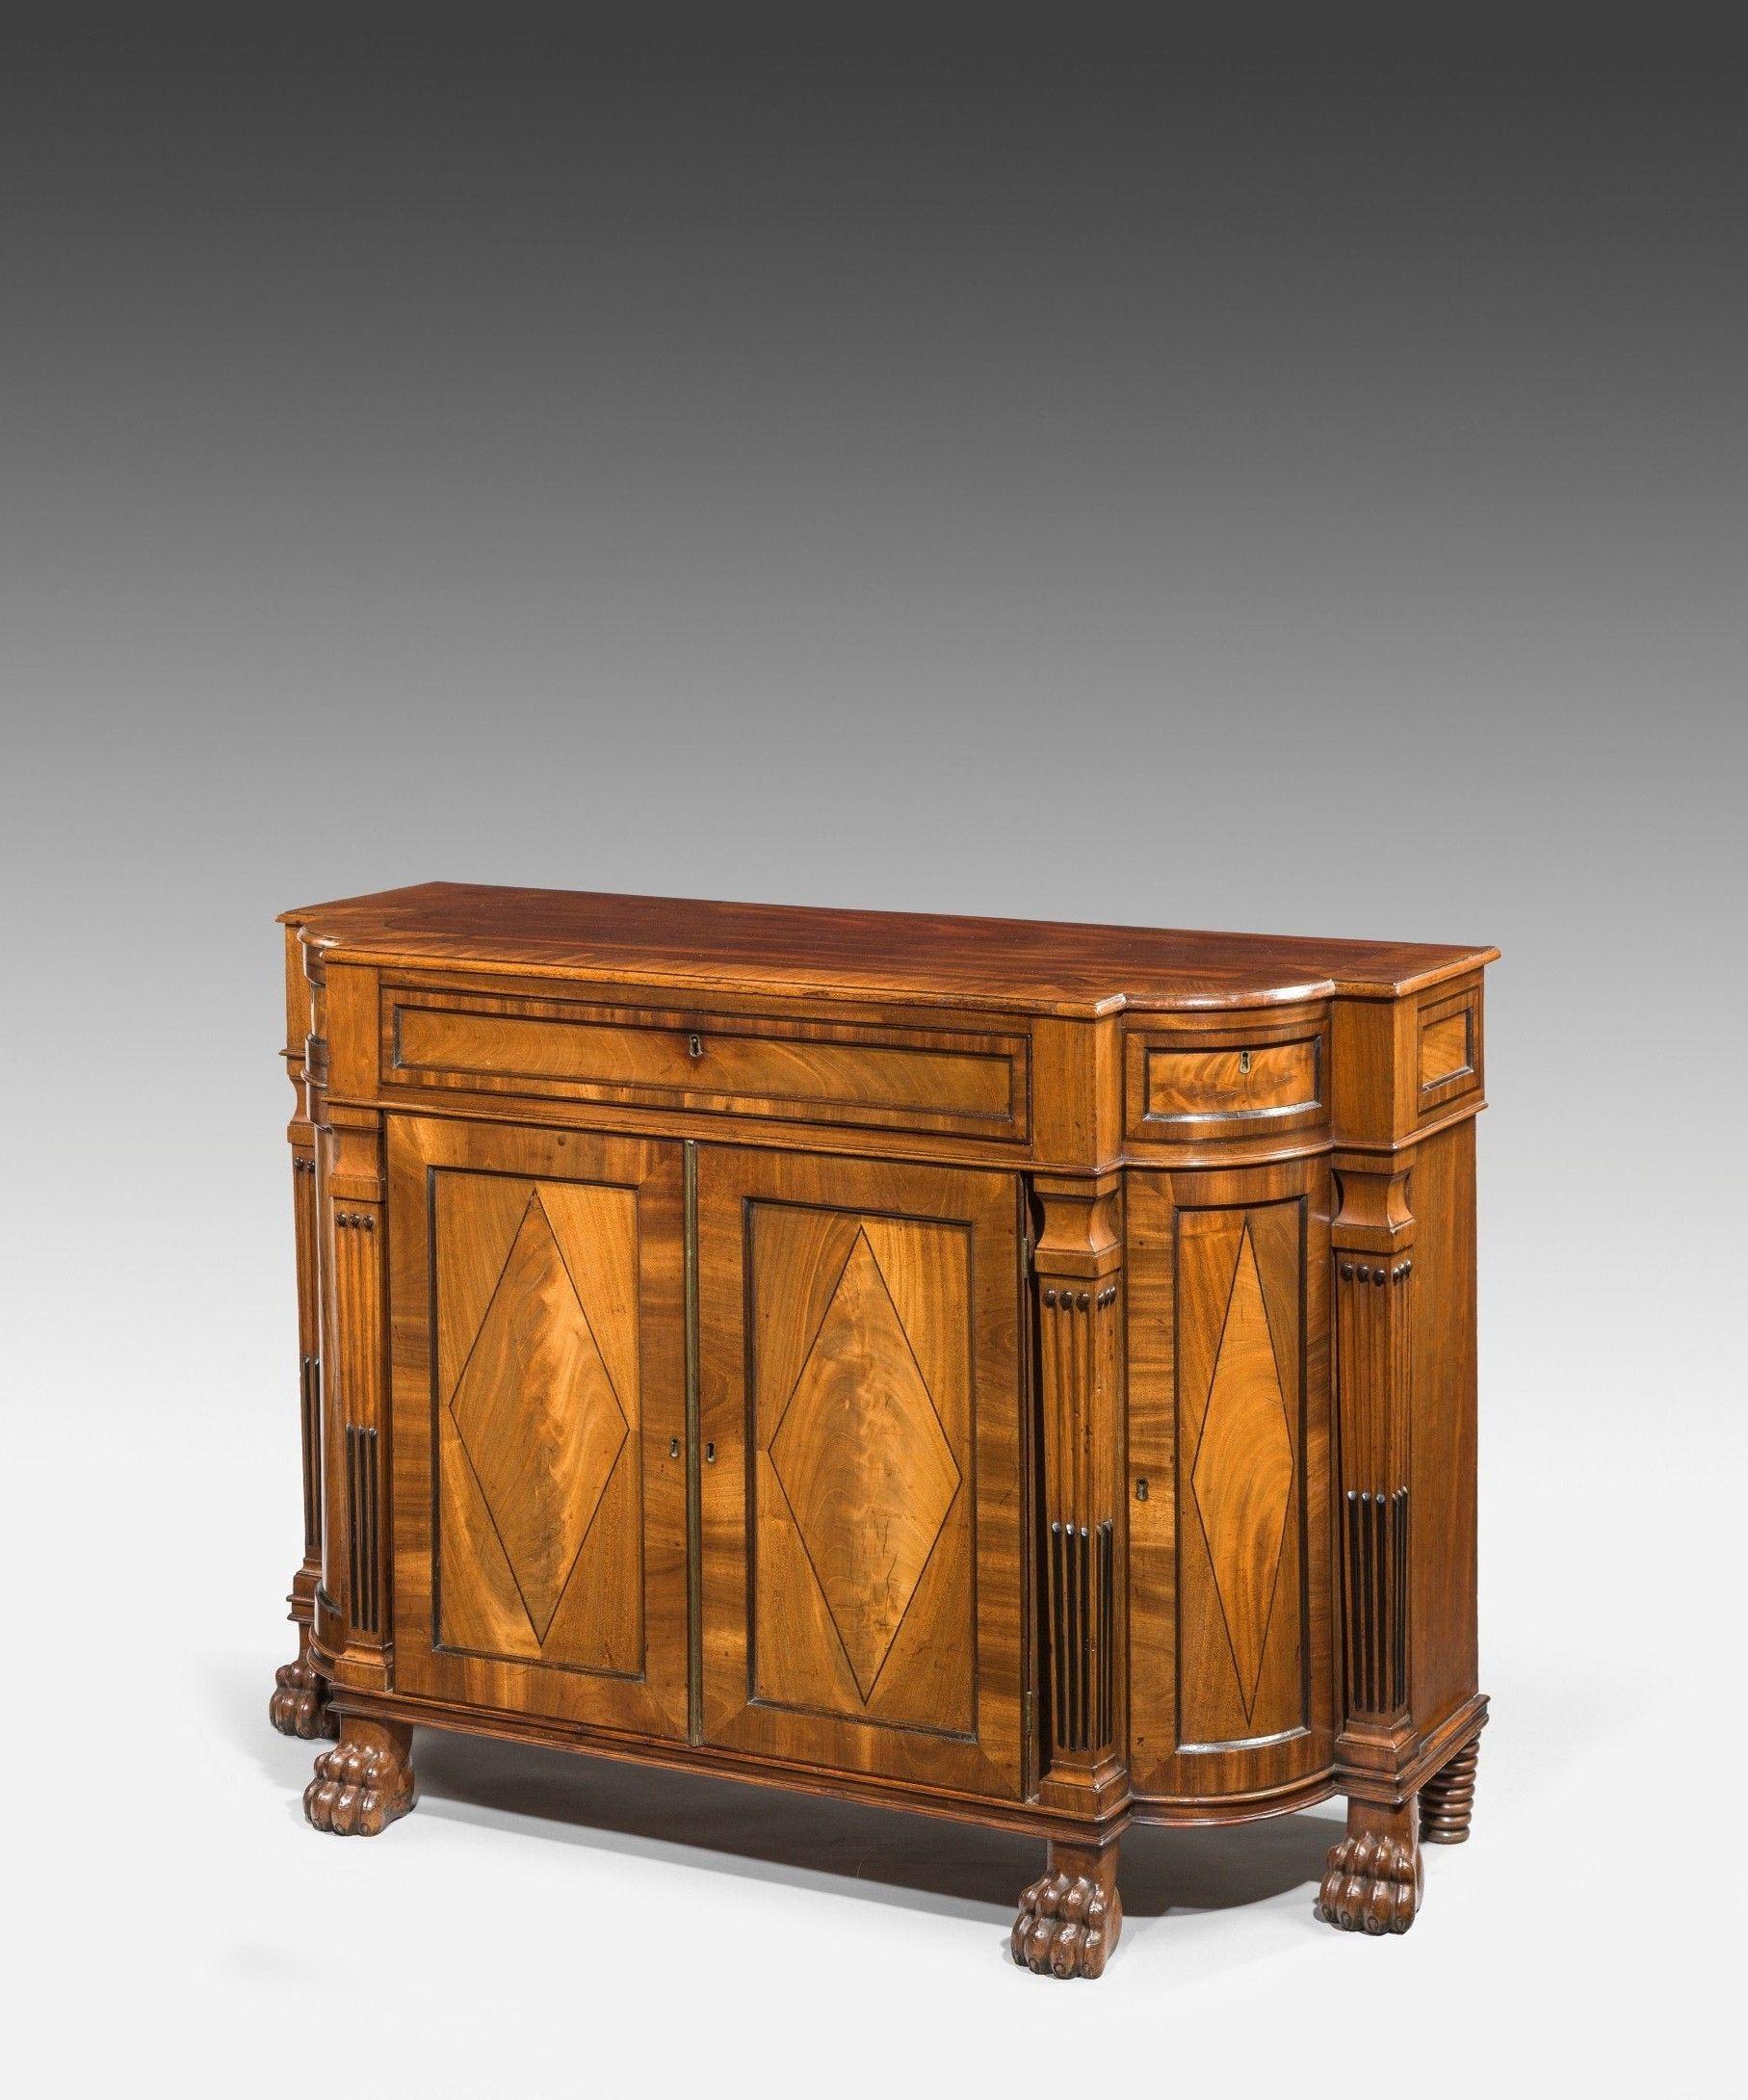 A Handsome Regency Mahogany Cabinet Perfect For A Hallway Avec Images Mobilier De Salon Meuble Mobilier De Luxe